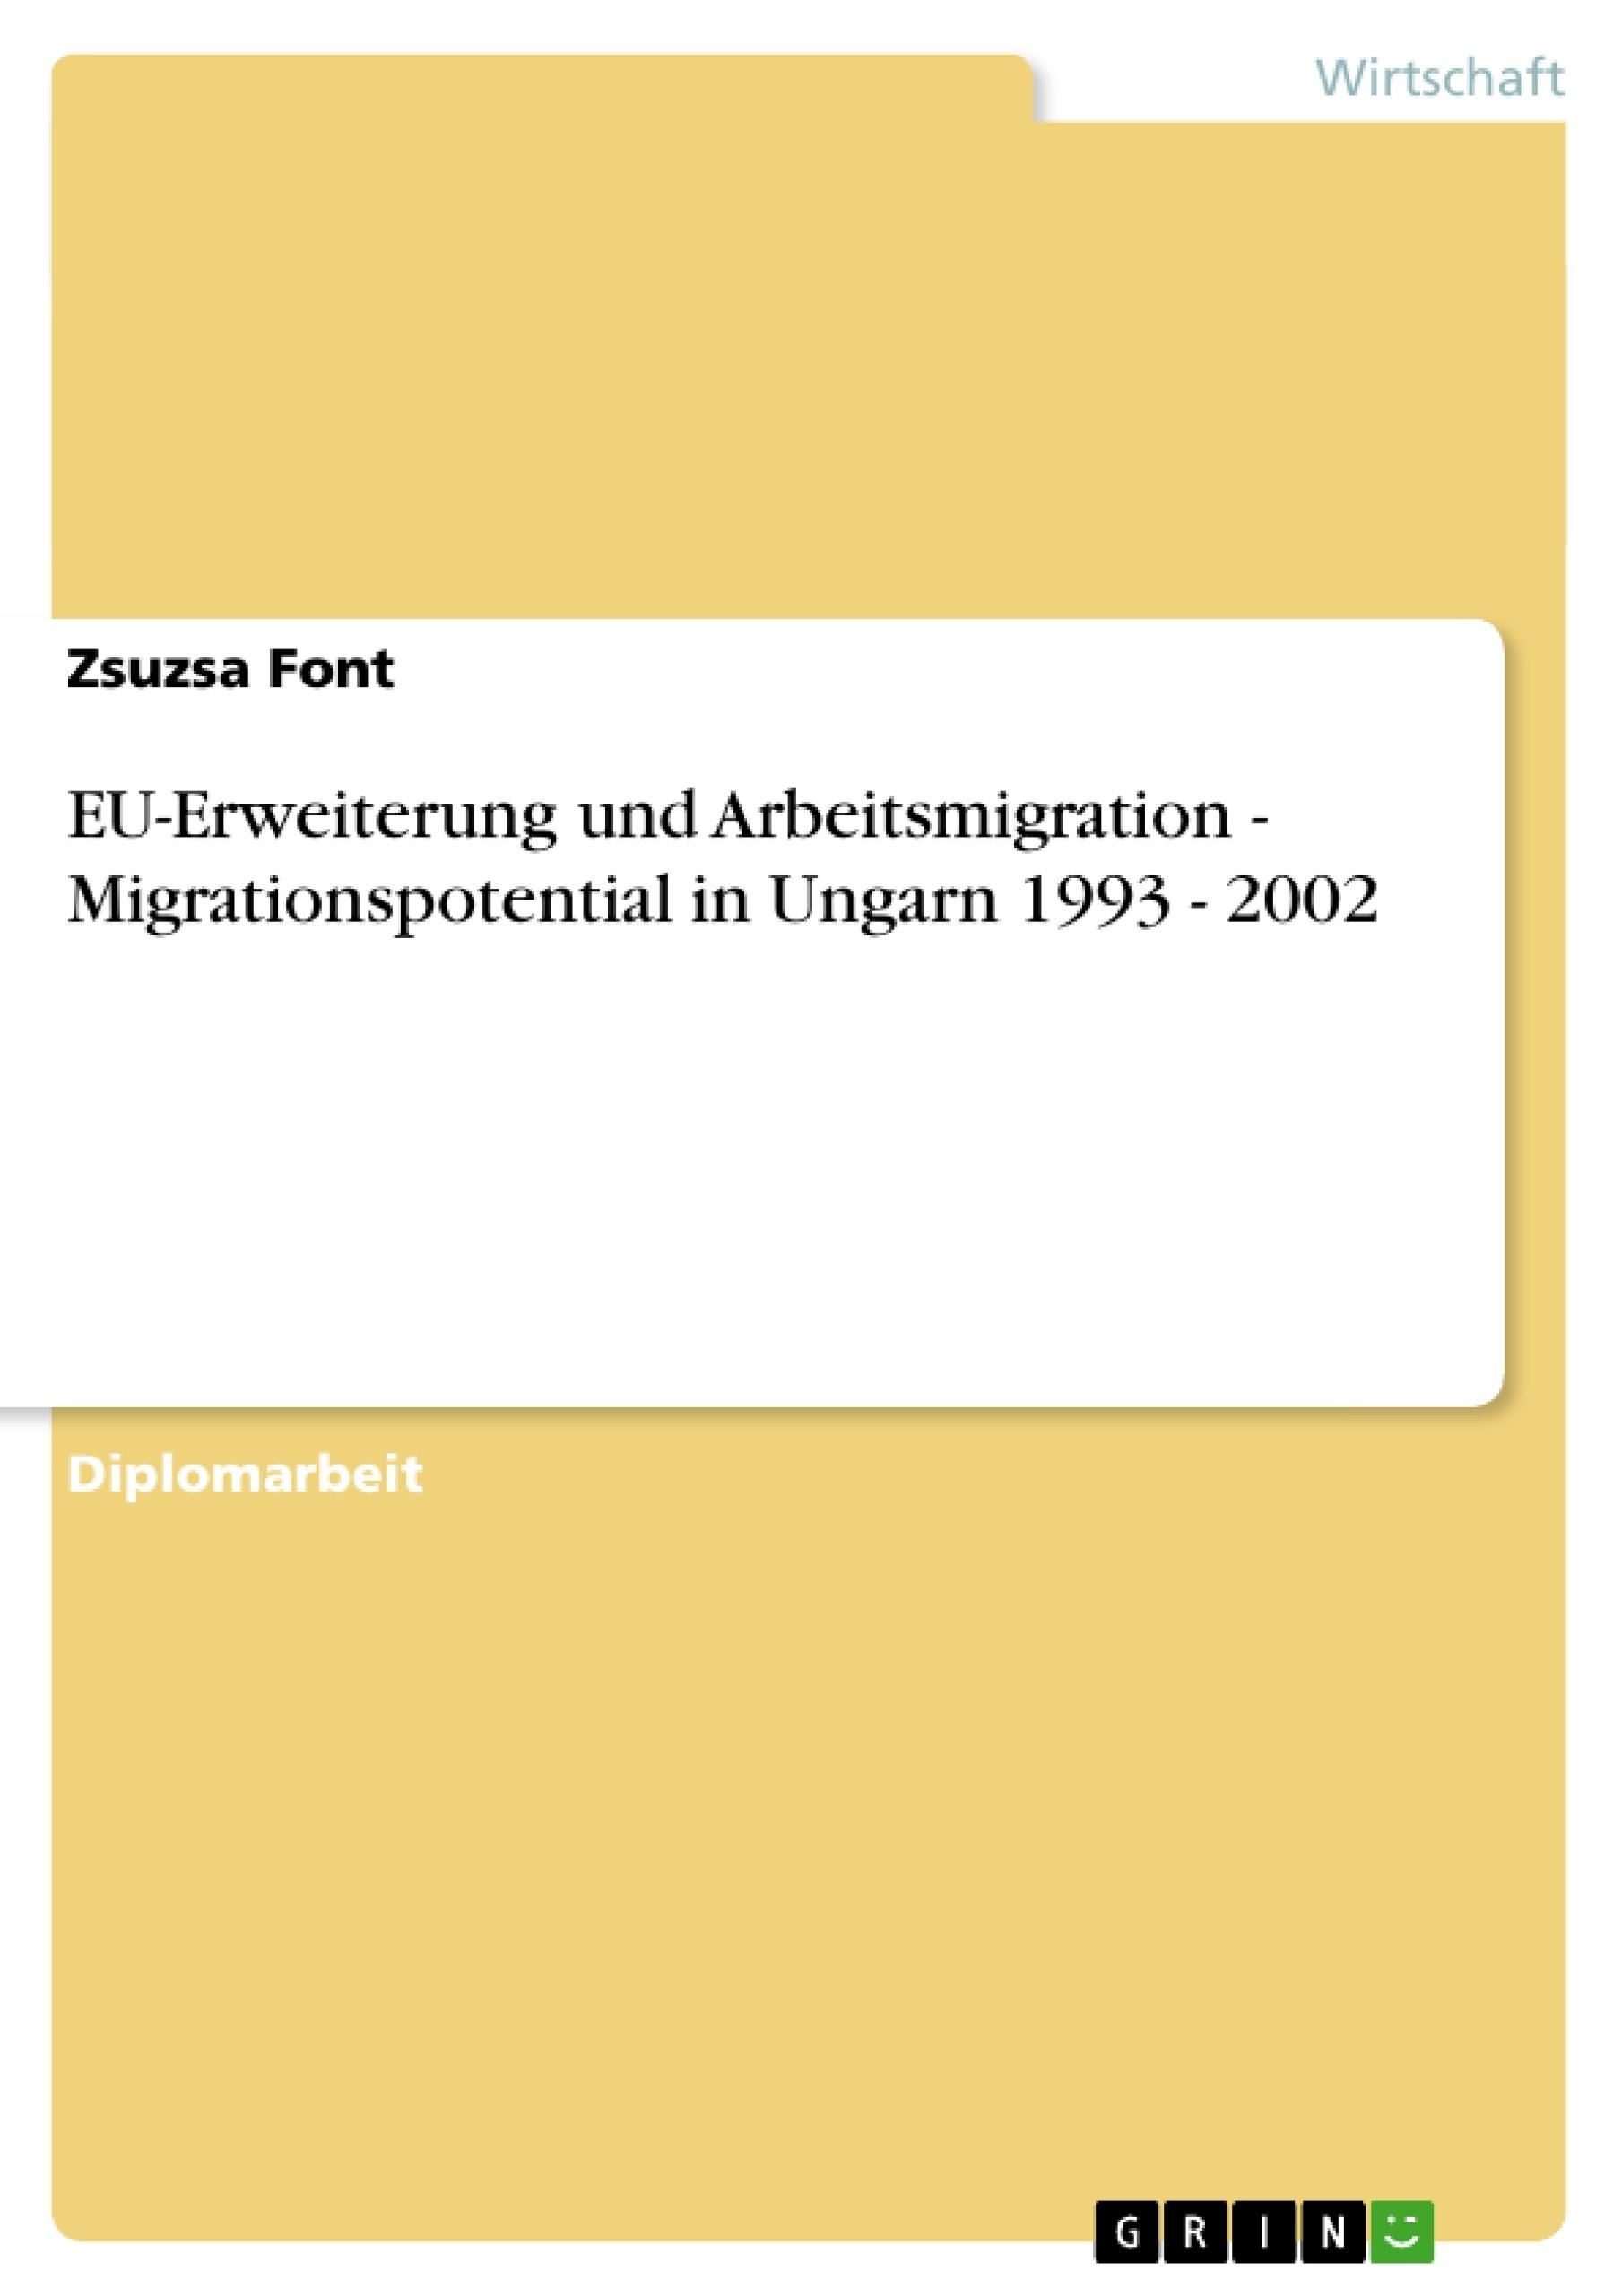 Titel: EU-Erweiterung und Arbeitsmigration - Migrationspotential in Ungarn 1993 - 2002